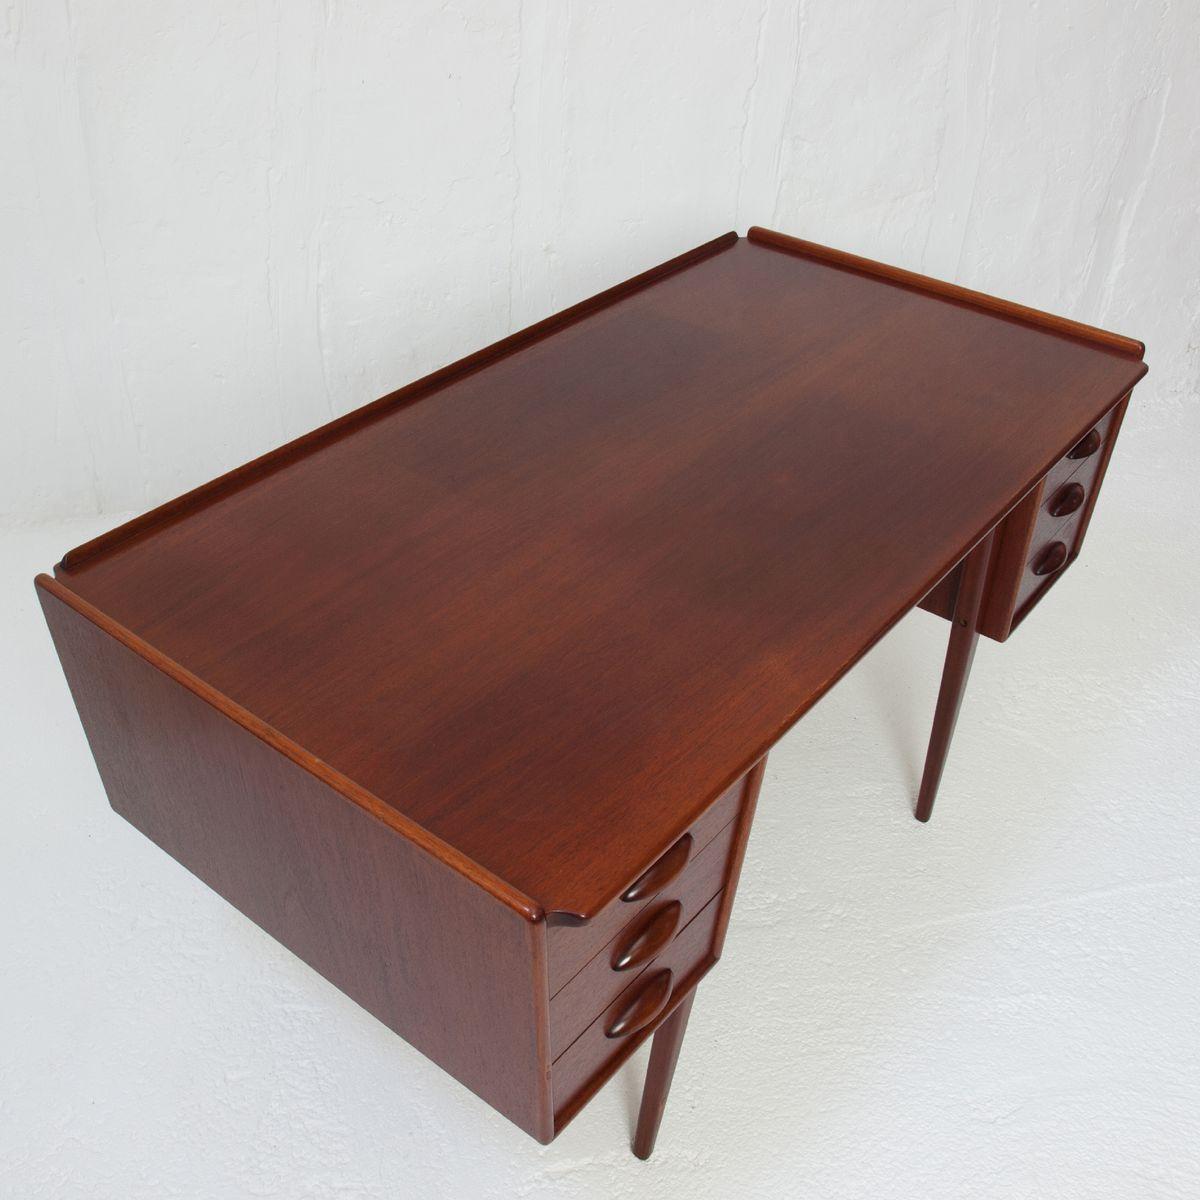 pl uddebo mahagoni schreibtisch von svante skogh f r aktiebolaget m belfabriken 1960er bei. Black Bedroom Furniture Sets. Home Design Ideas